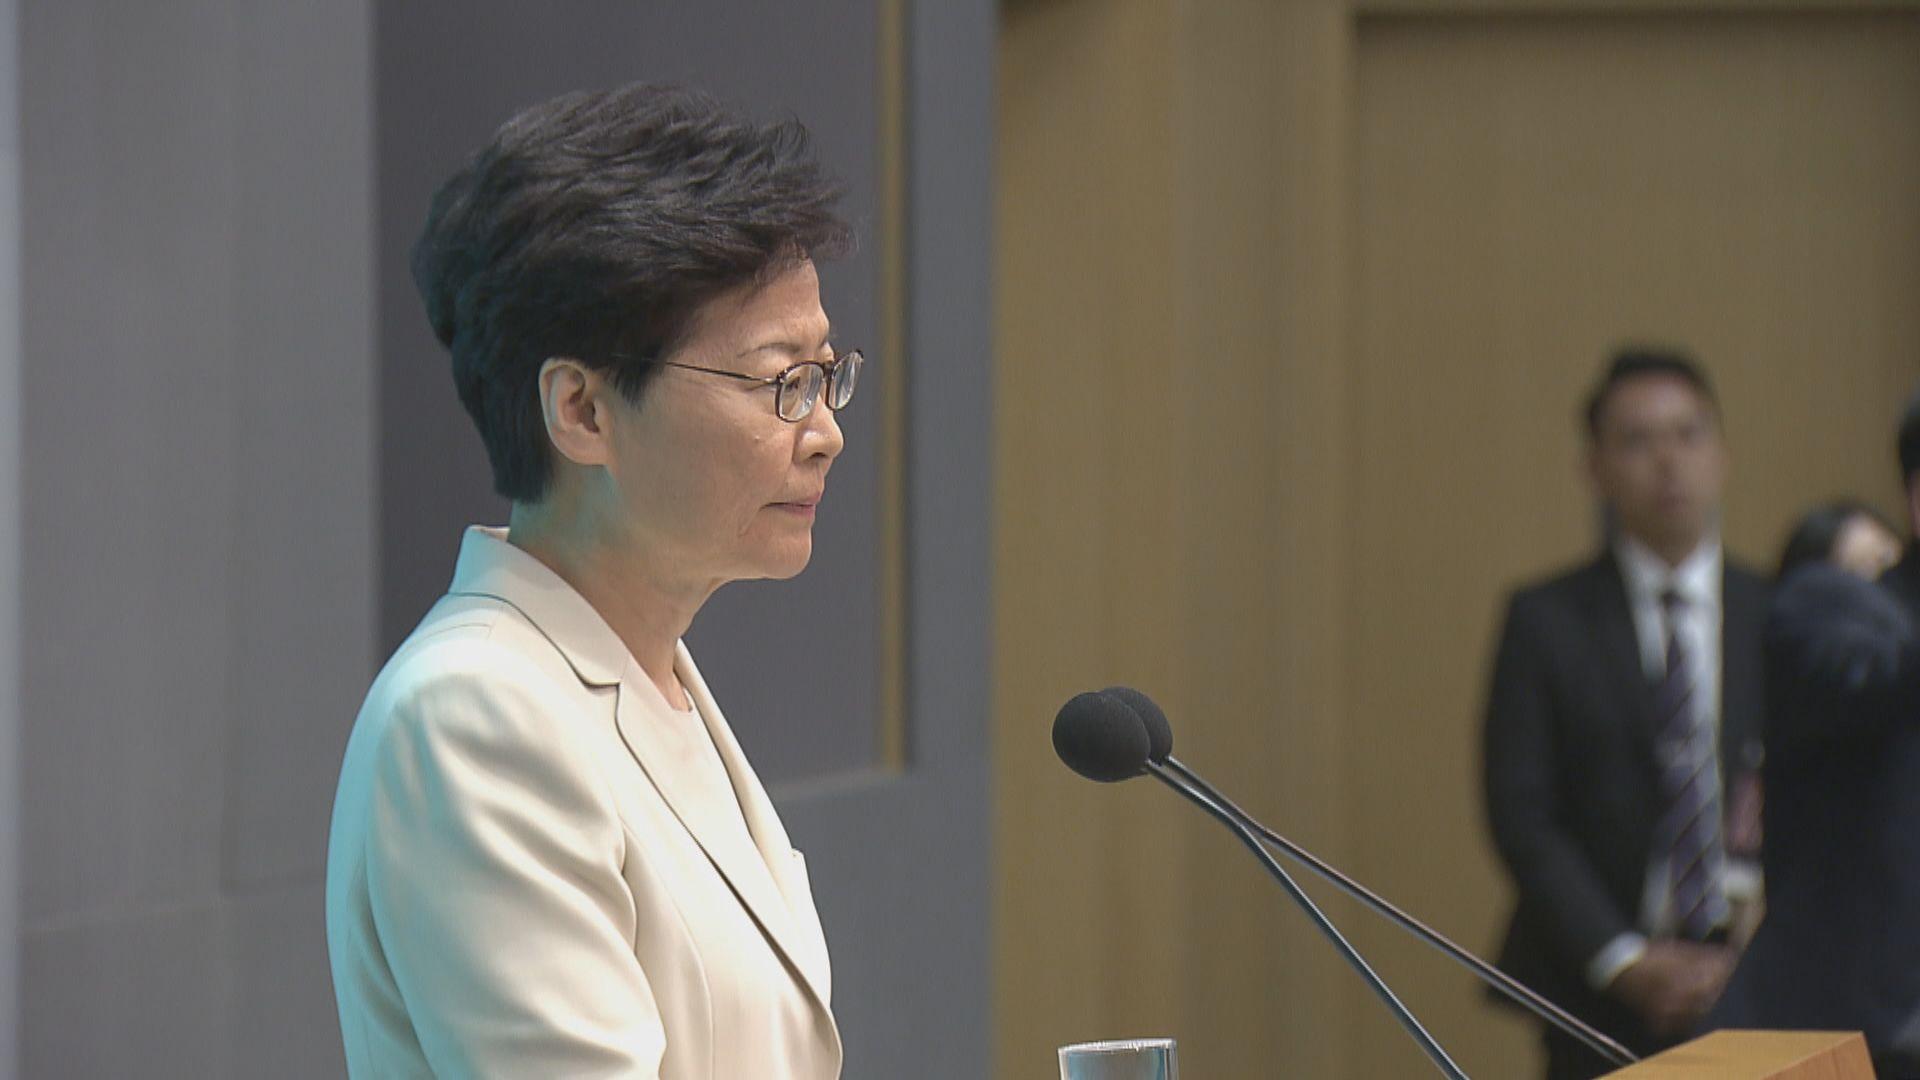 林鄭:已盡早就逃犯修例爭議親身道歉